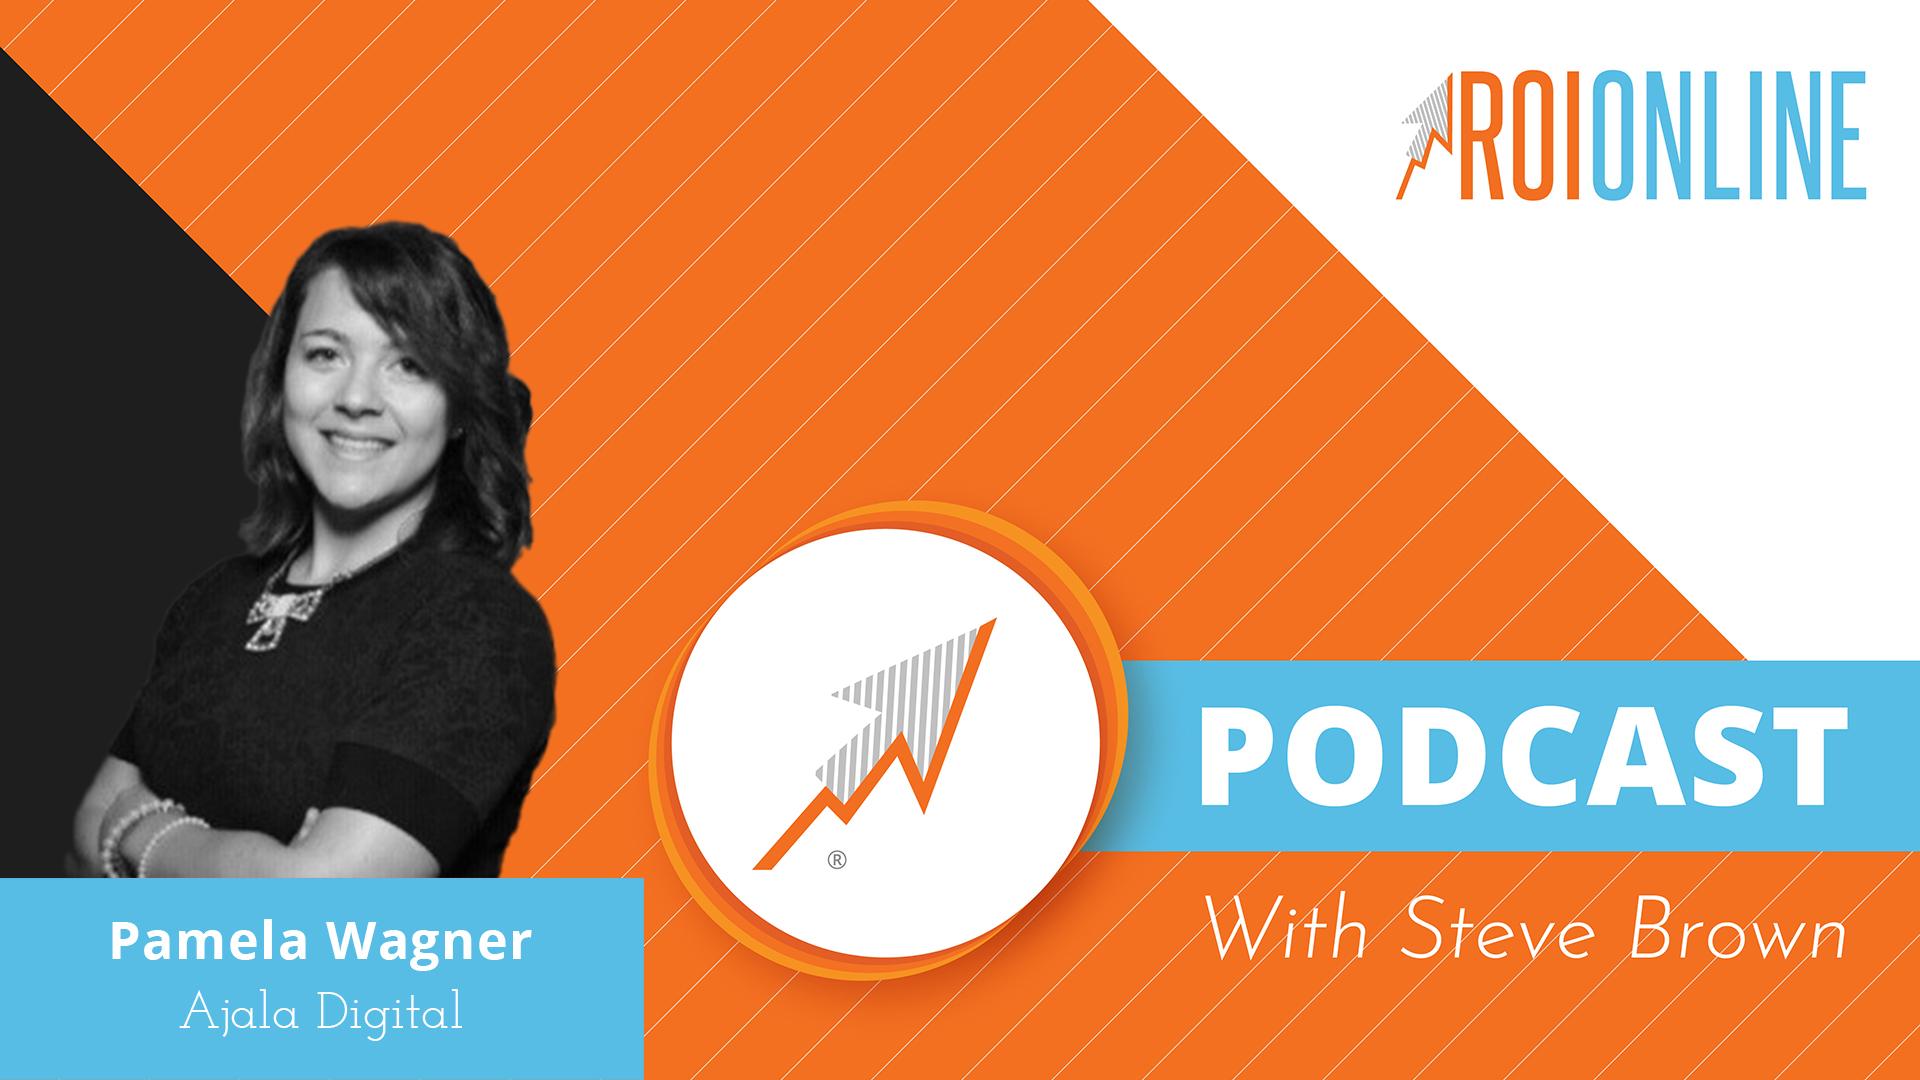 Pamela Wagner ROI Online podcast thumbnail